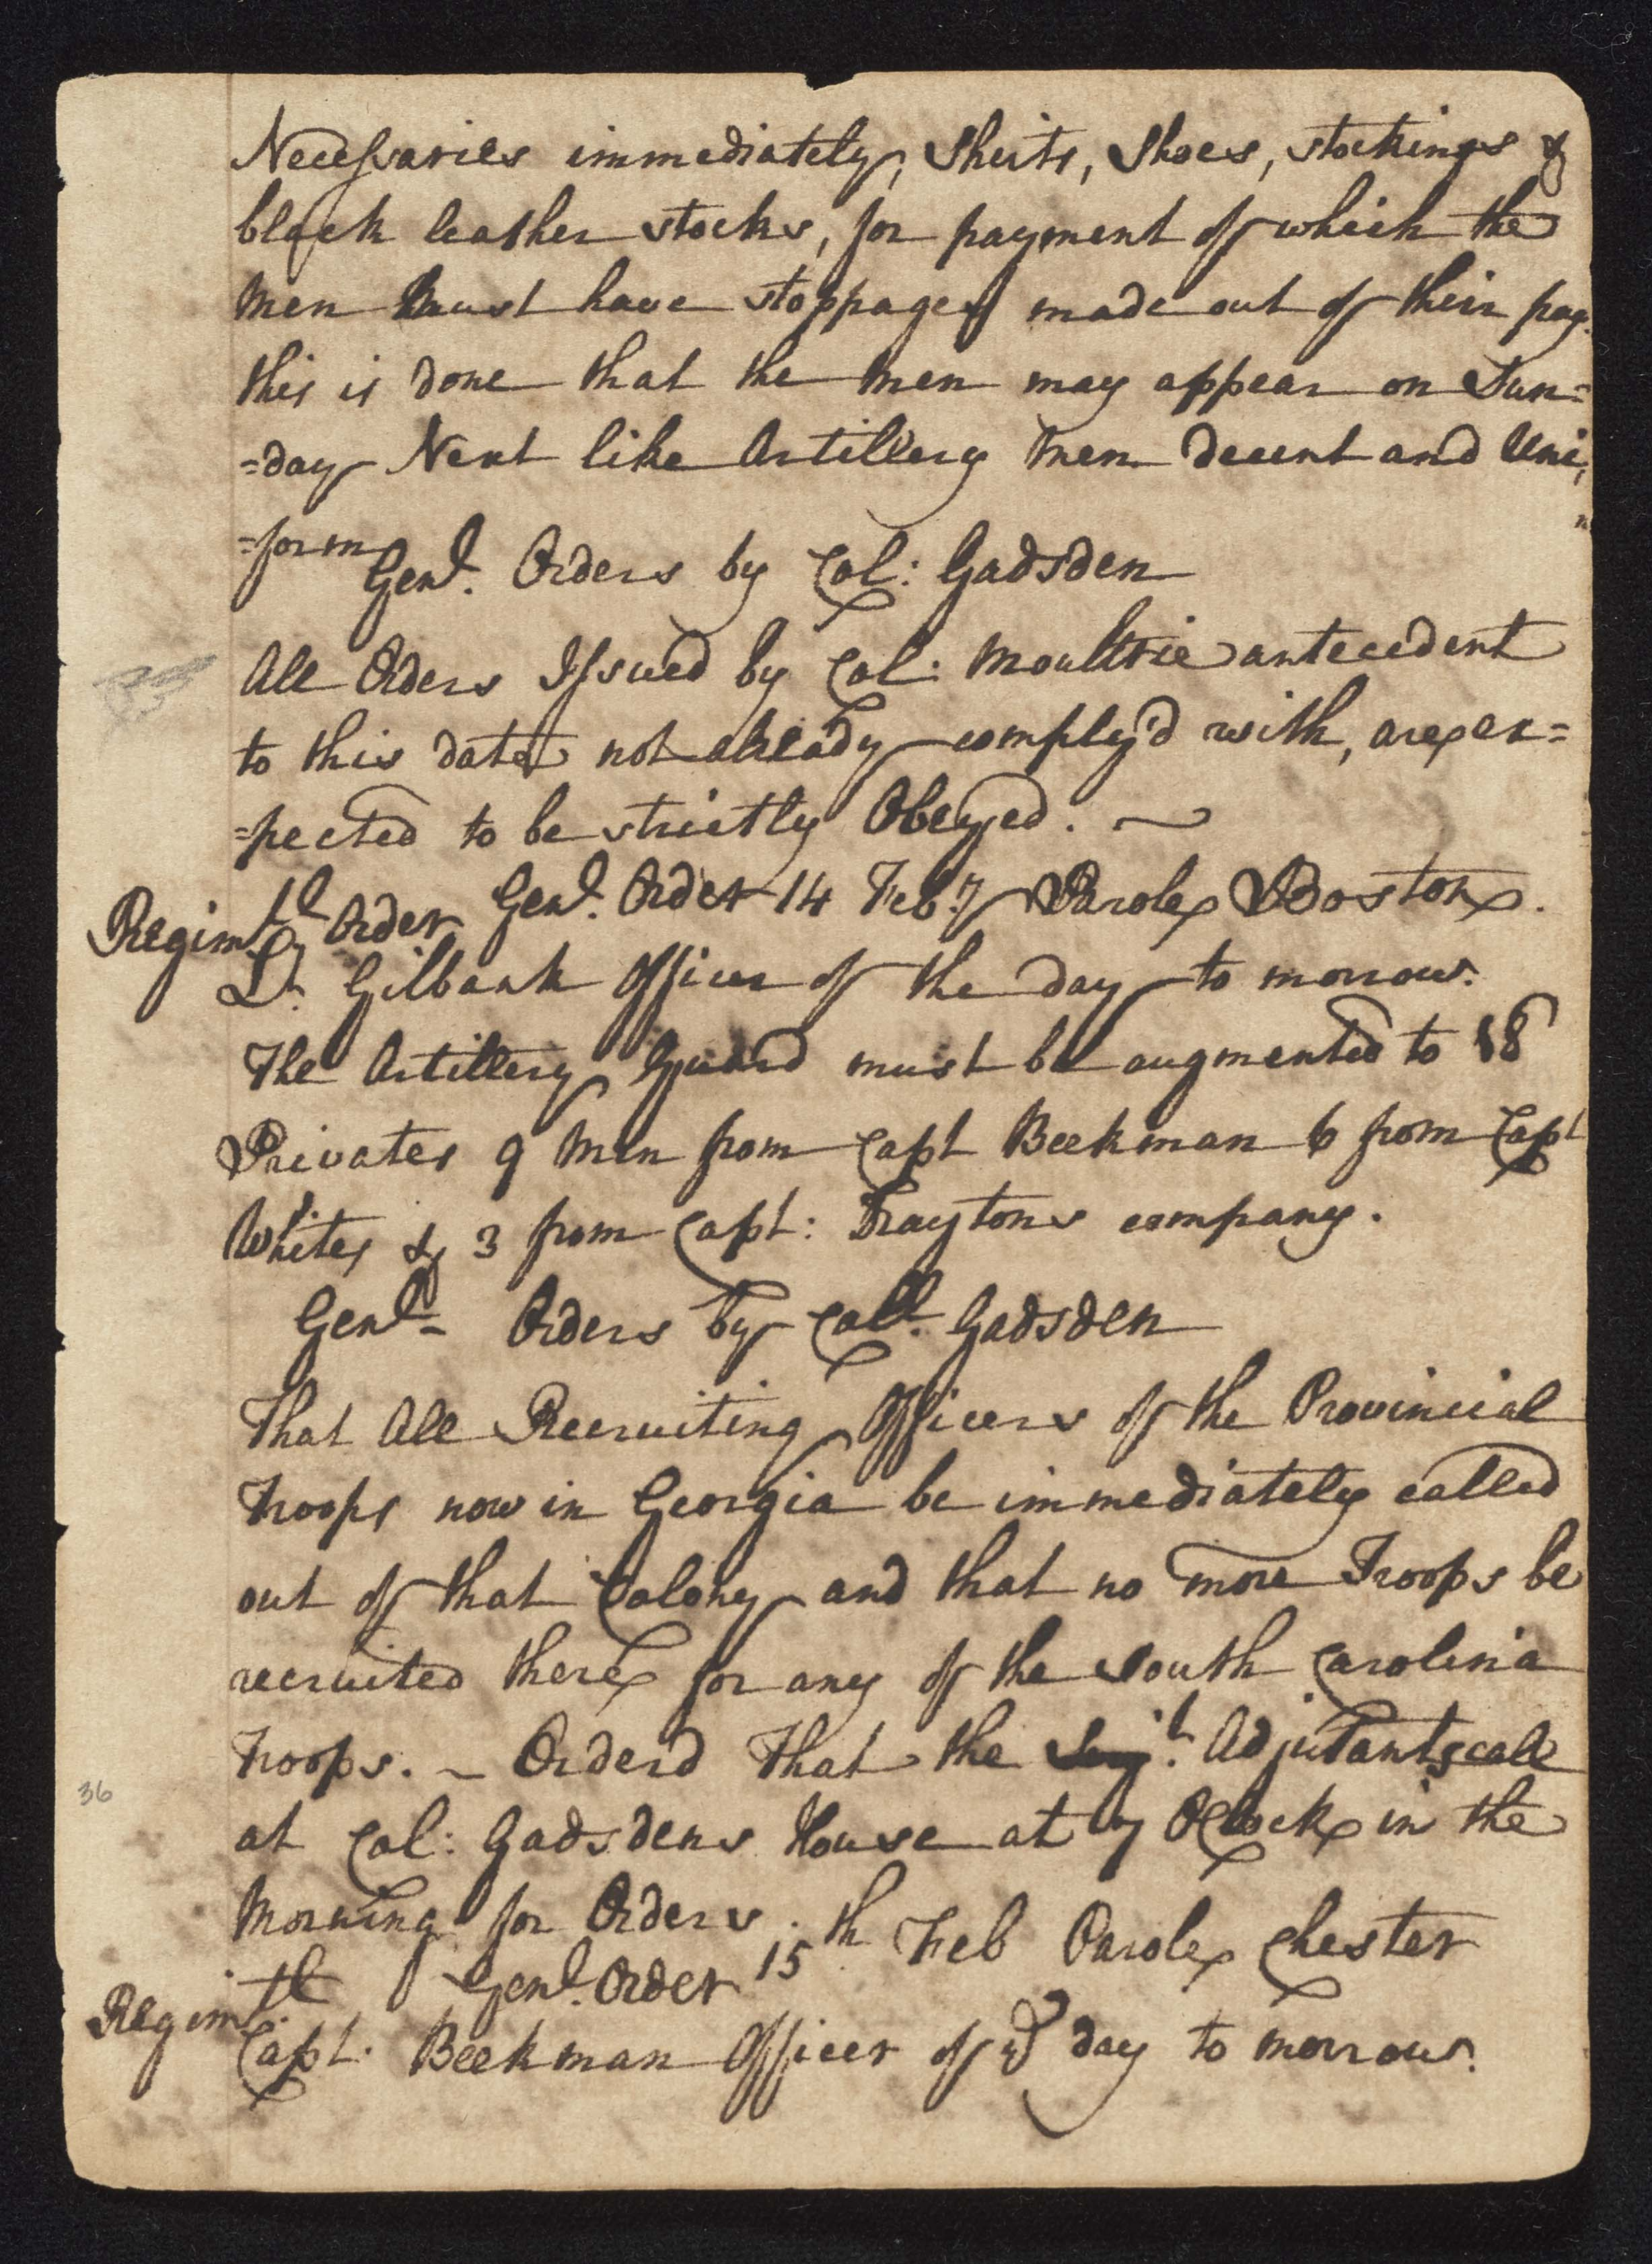 South Carolina Regiment Order Book, Page 71